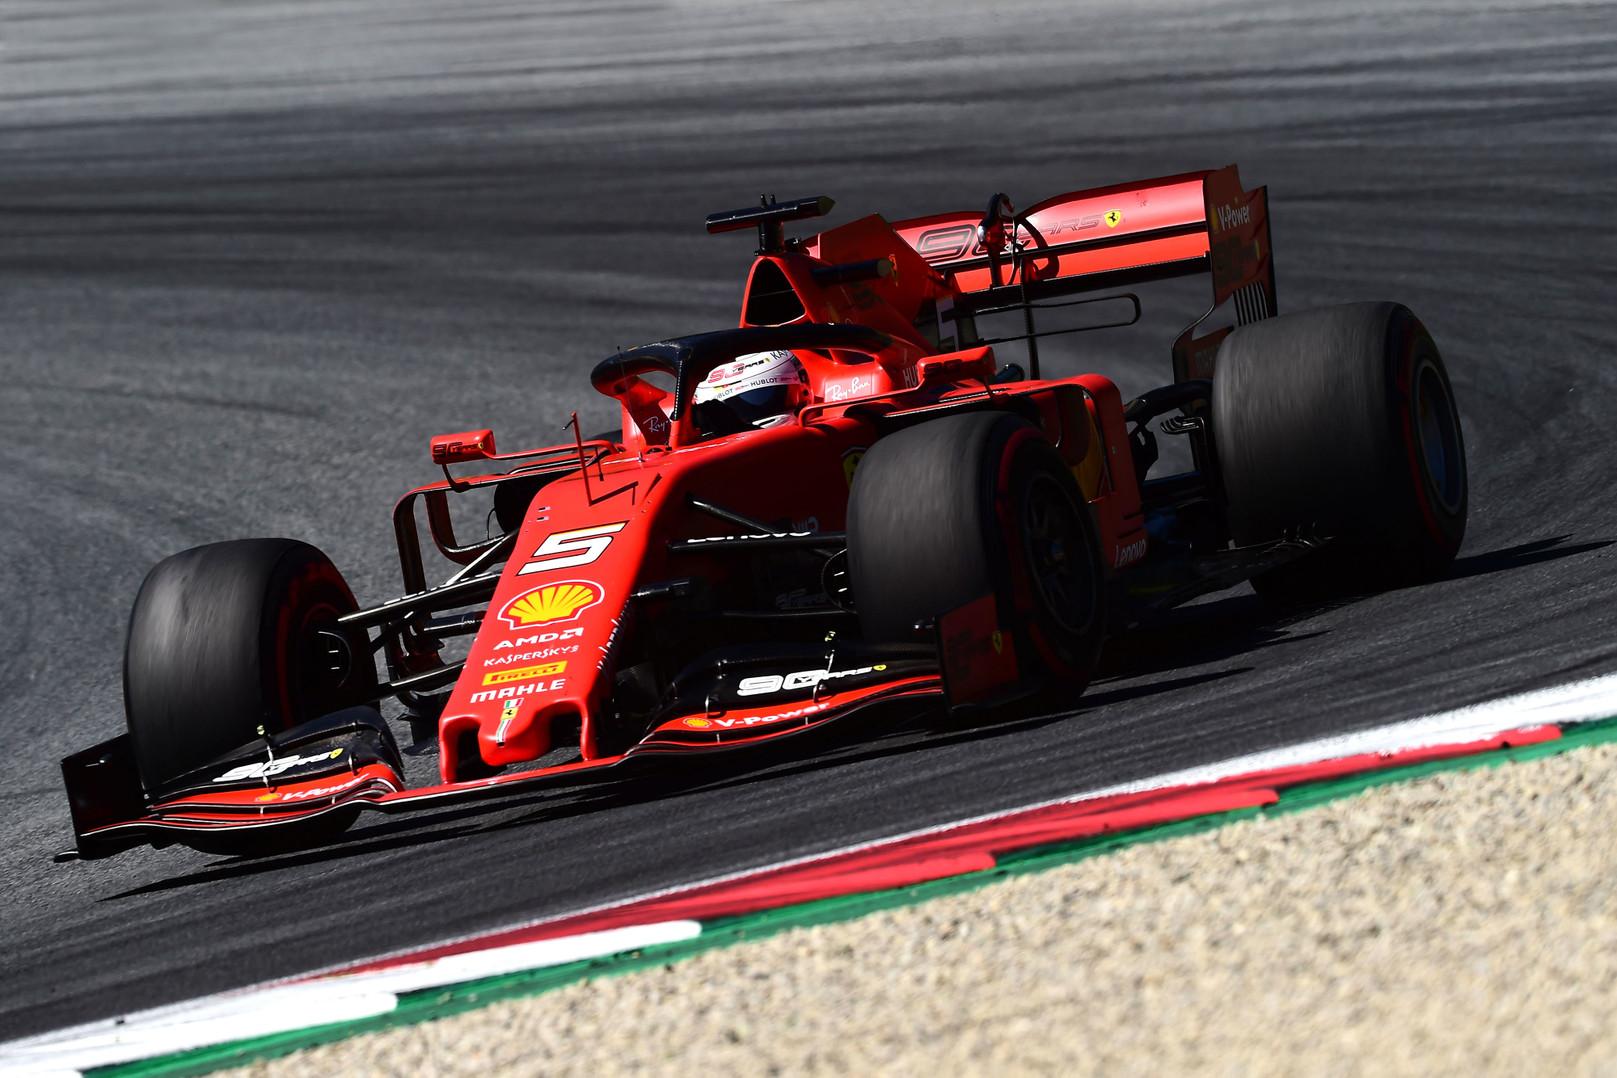 Vokietijos GP: penktadienio treniruotė Nr.1